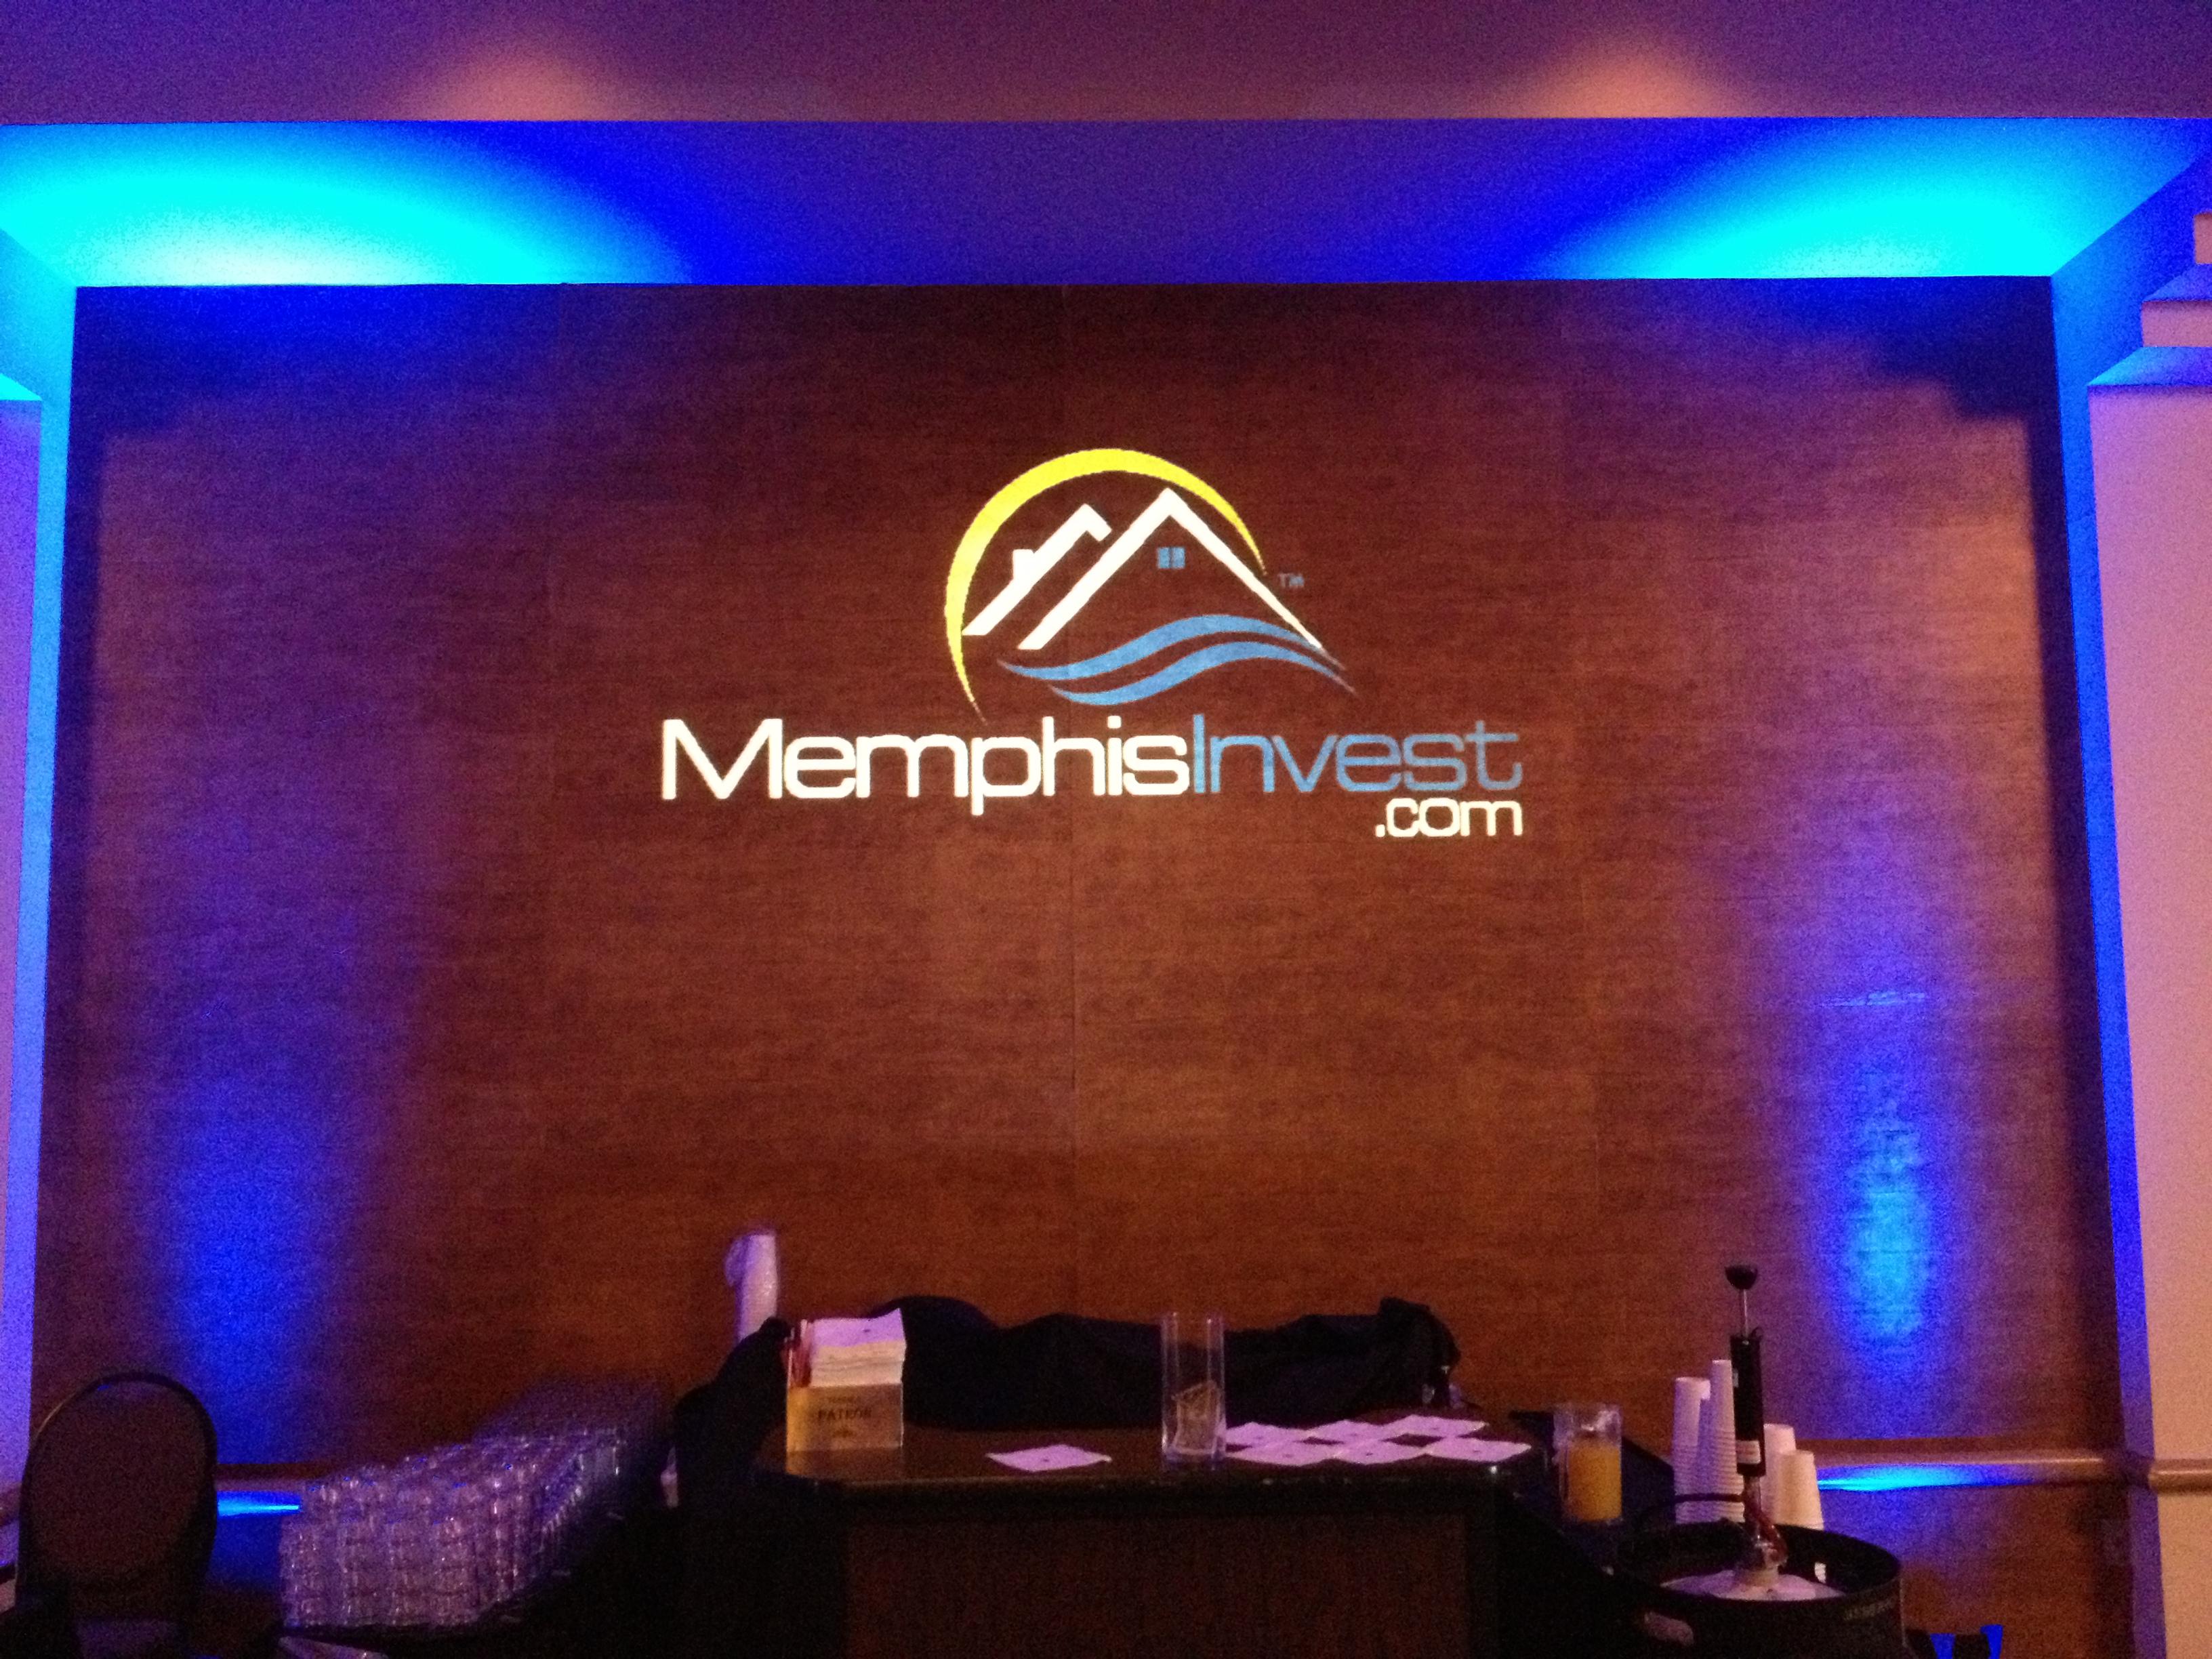 Memphis Invest